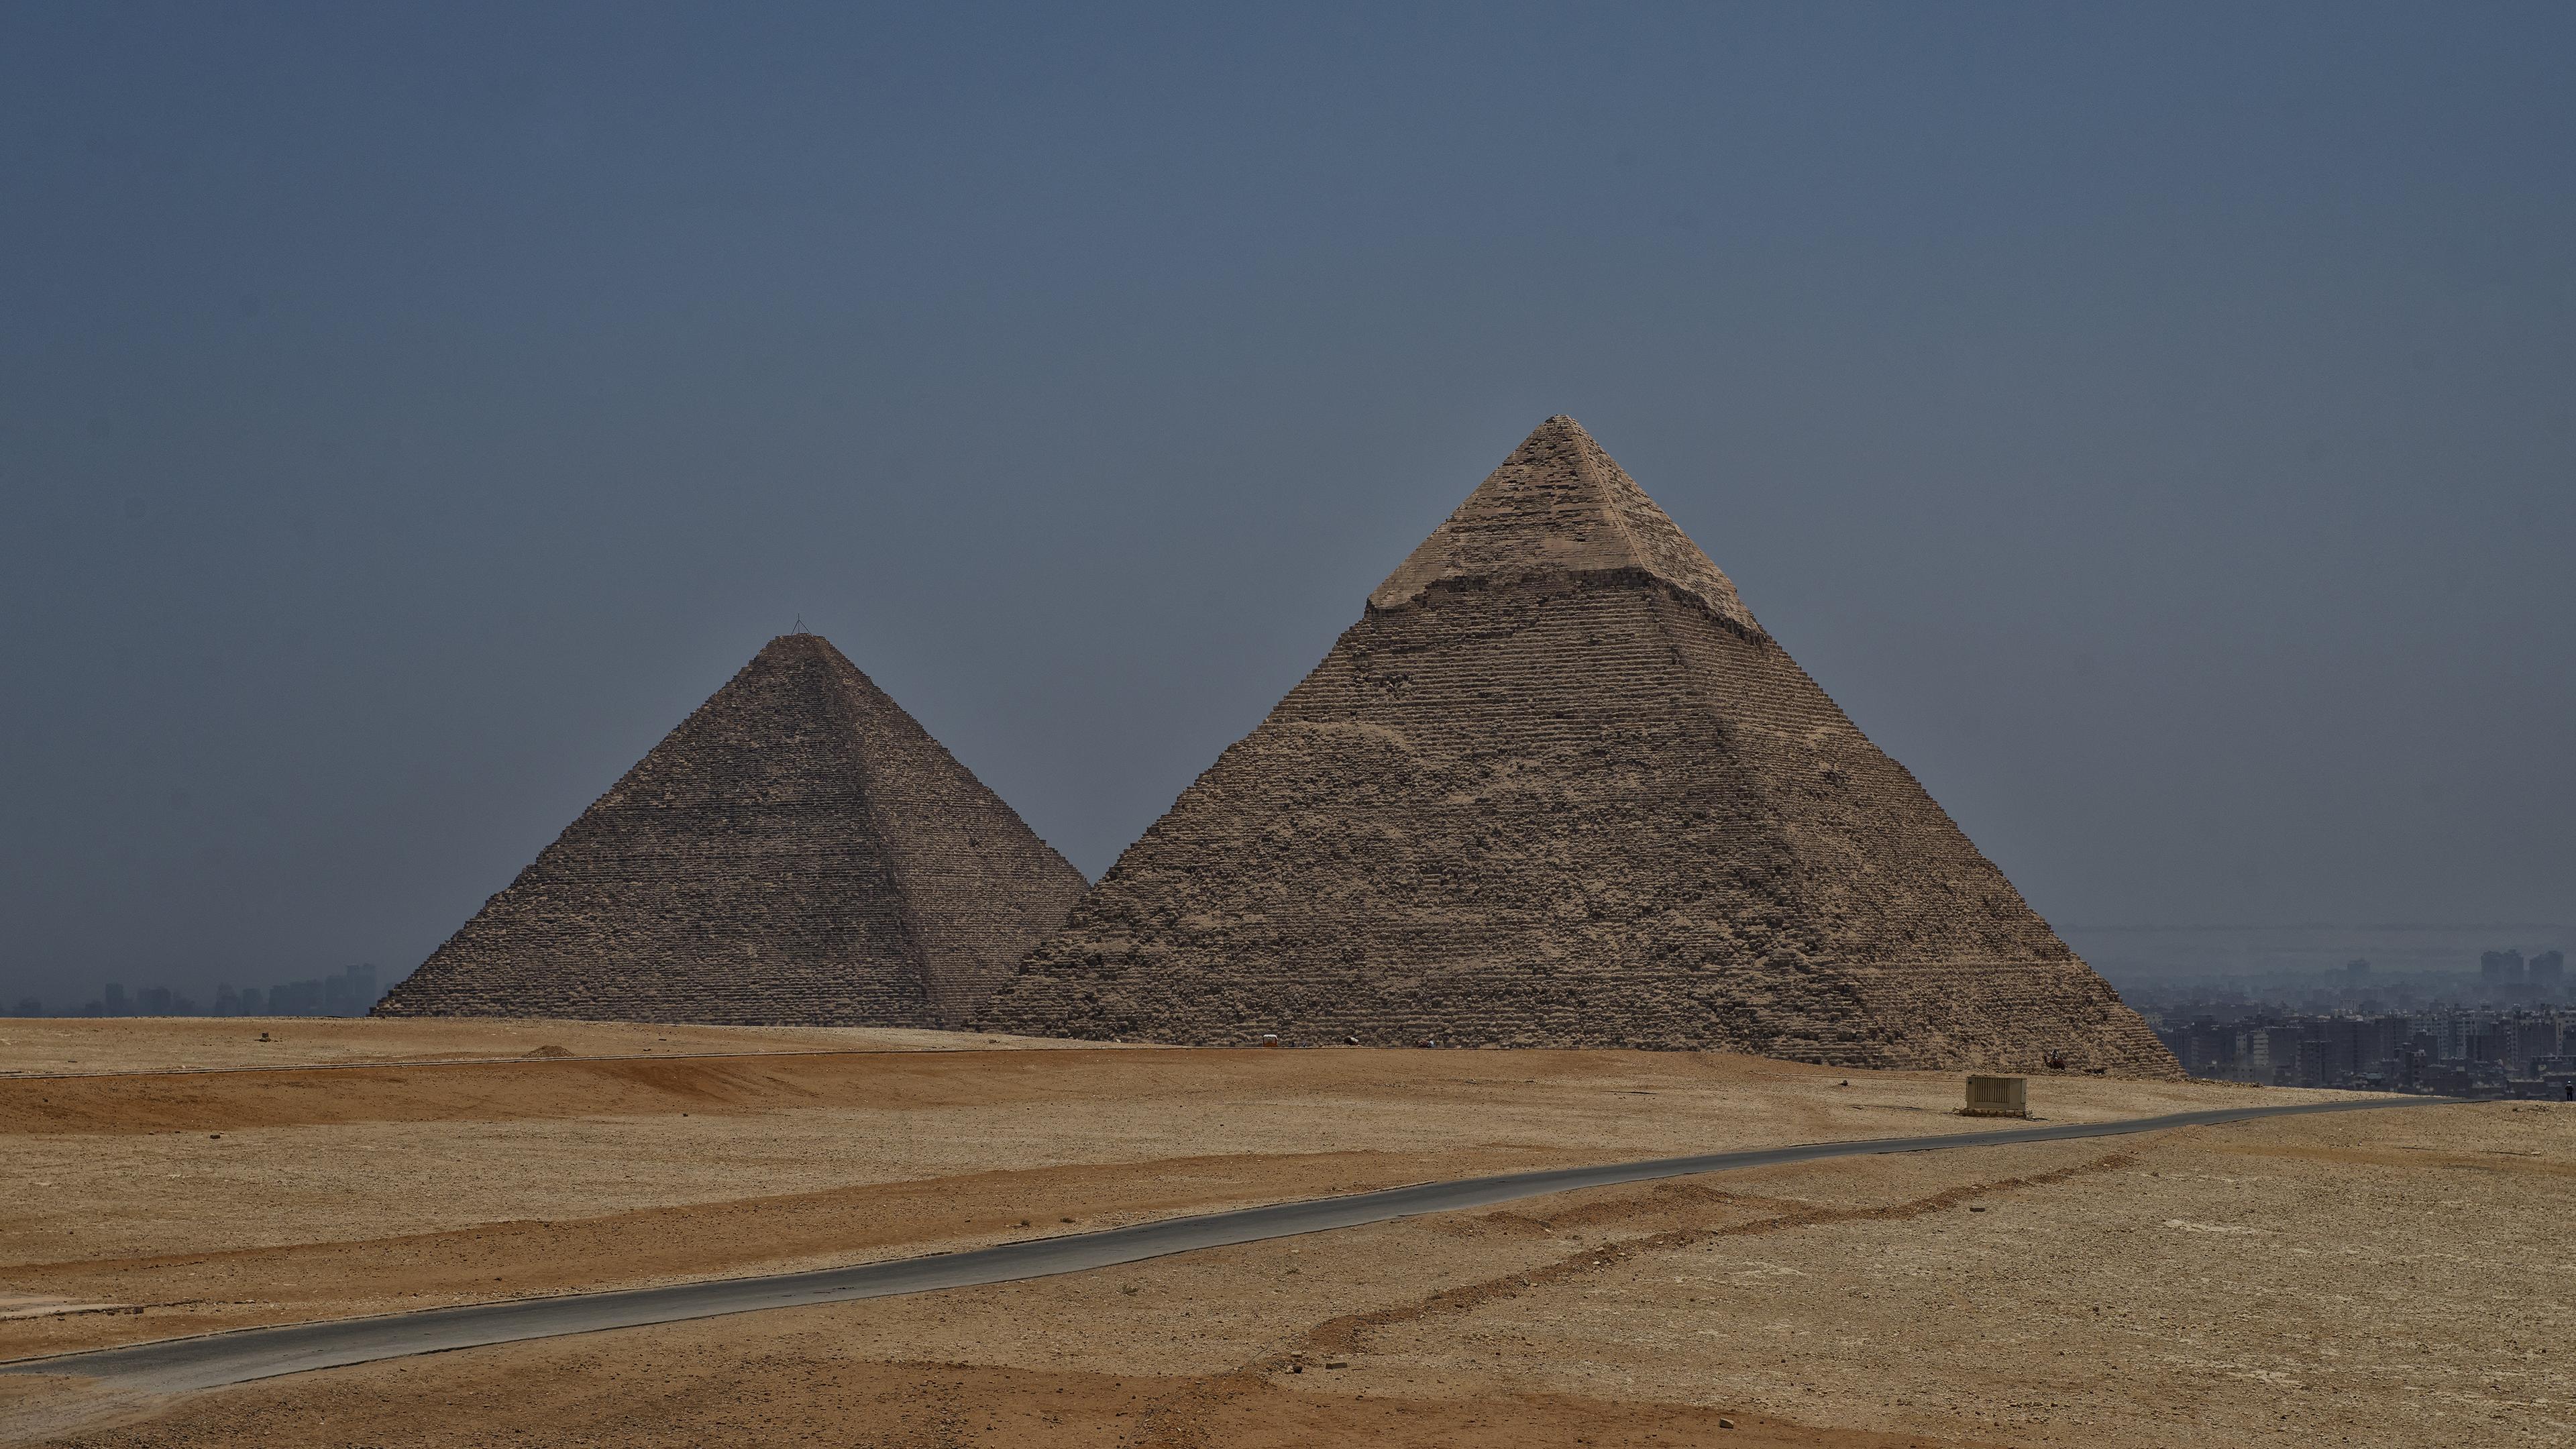 Pyramid of Khafre, The Great Pyramid